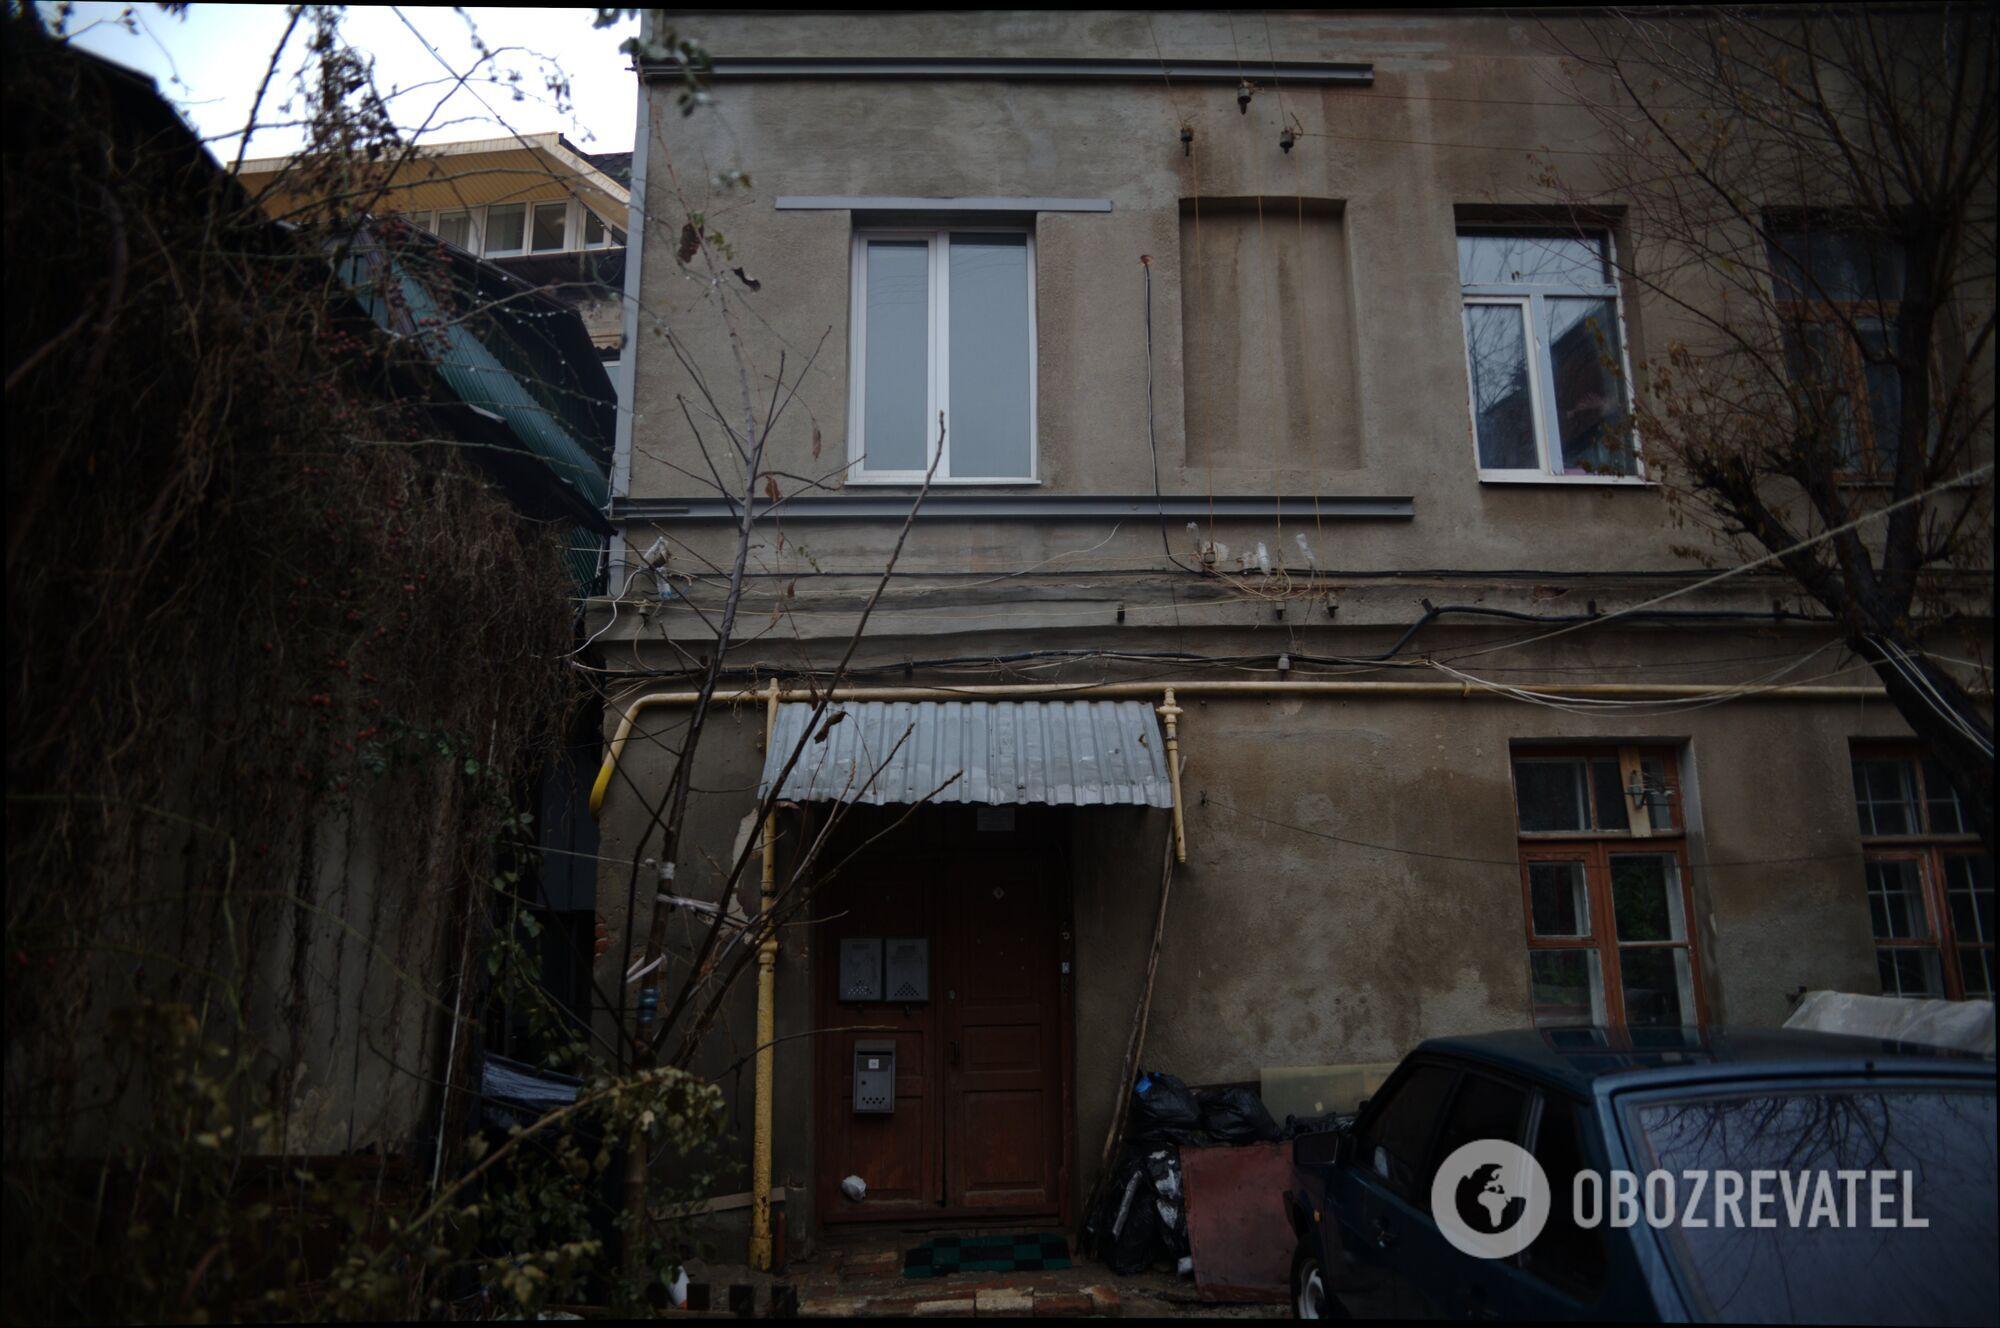 Дом в Харькове, где находится захламленная квартира.